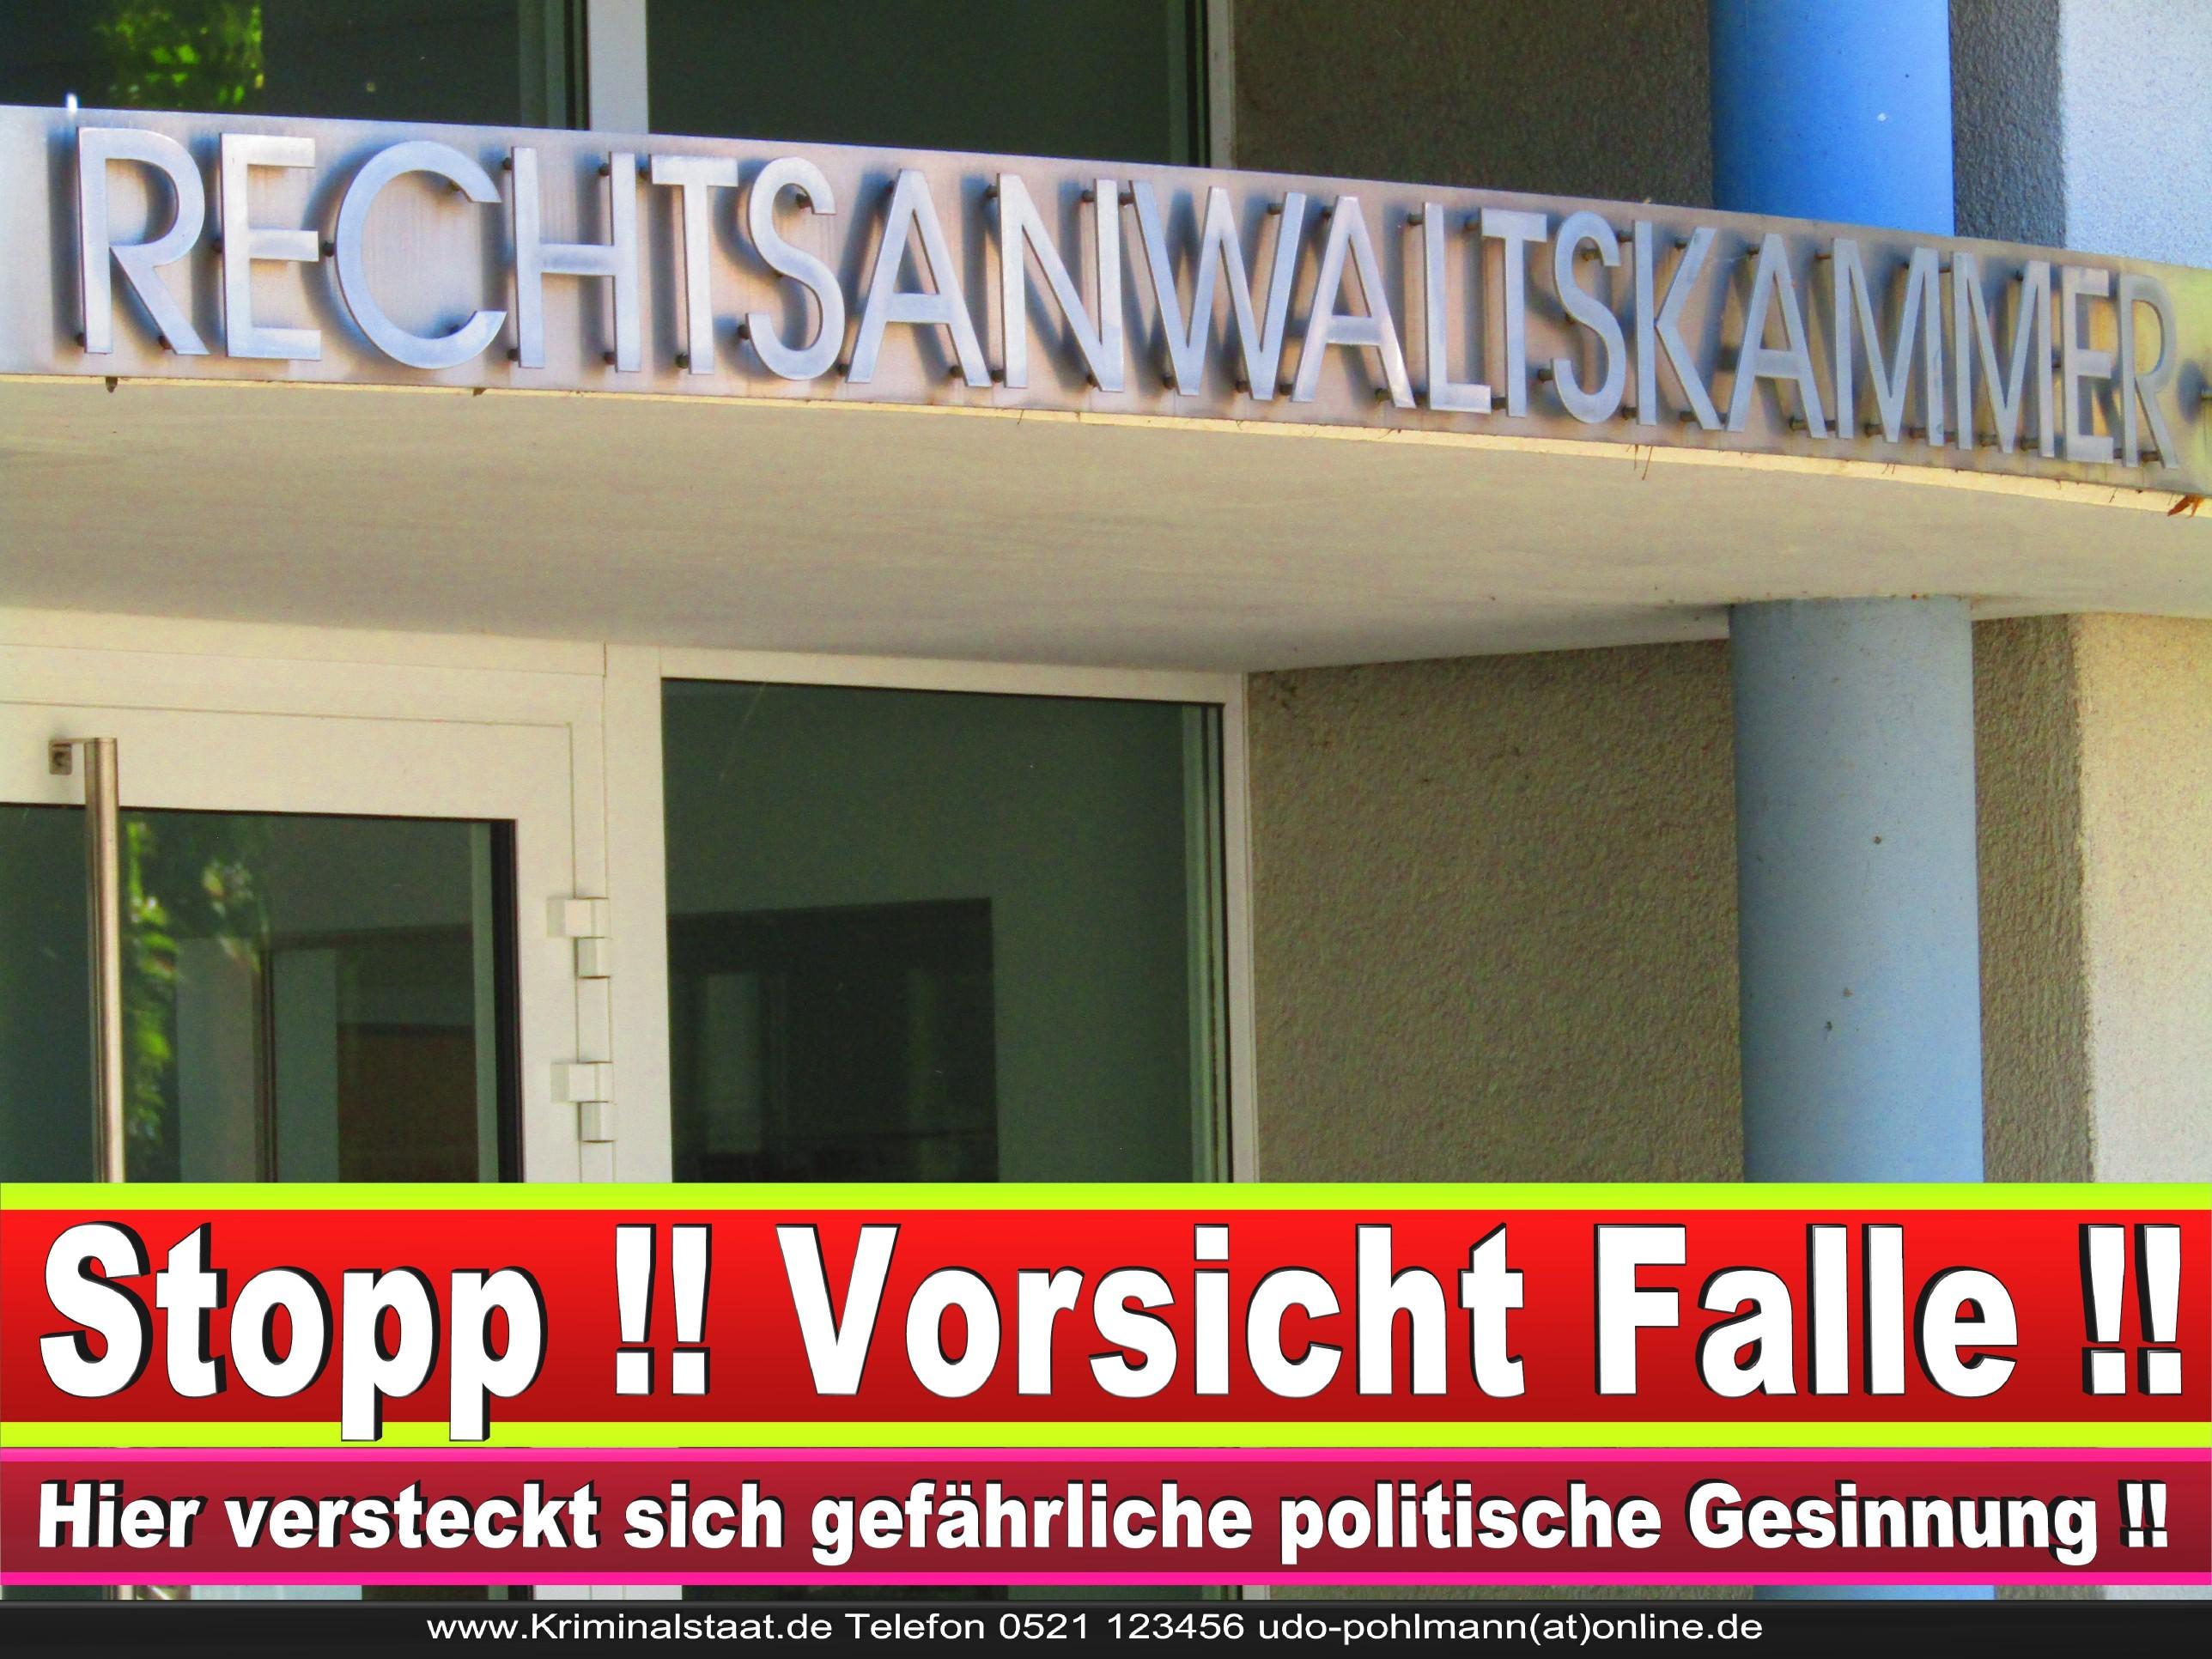 Rechtsanwaltskammer Hamm NRW Justizminister Rechtsanwalt Notar Vermögensverfall Urteil Rechtsprechung CDU SPD FDP Berufsordnung Rechtsanwälte Rechtsprechung (16)